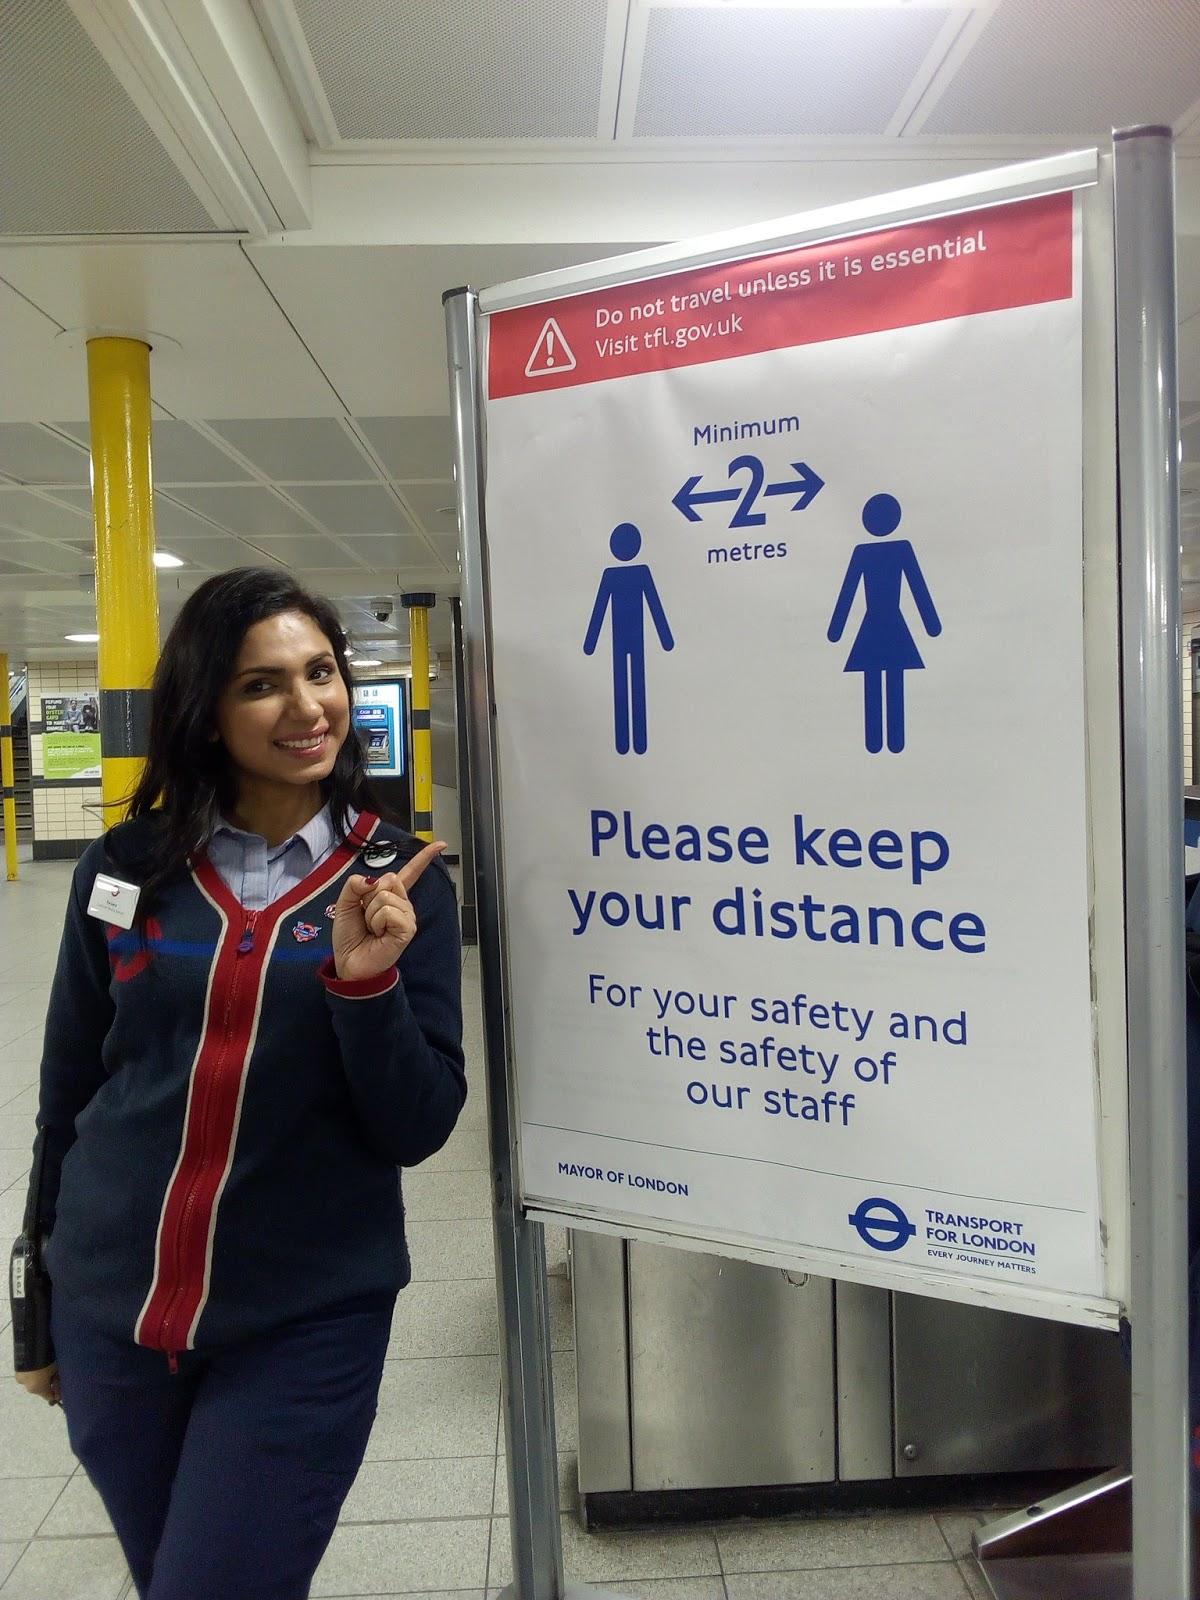 Metro darbiniece norāda uz plakātu par sociālo distancēšanos